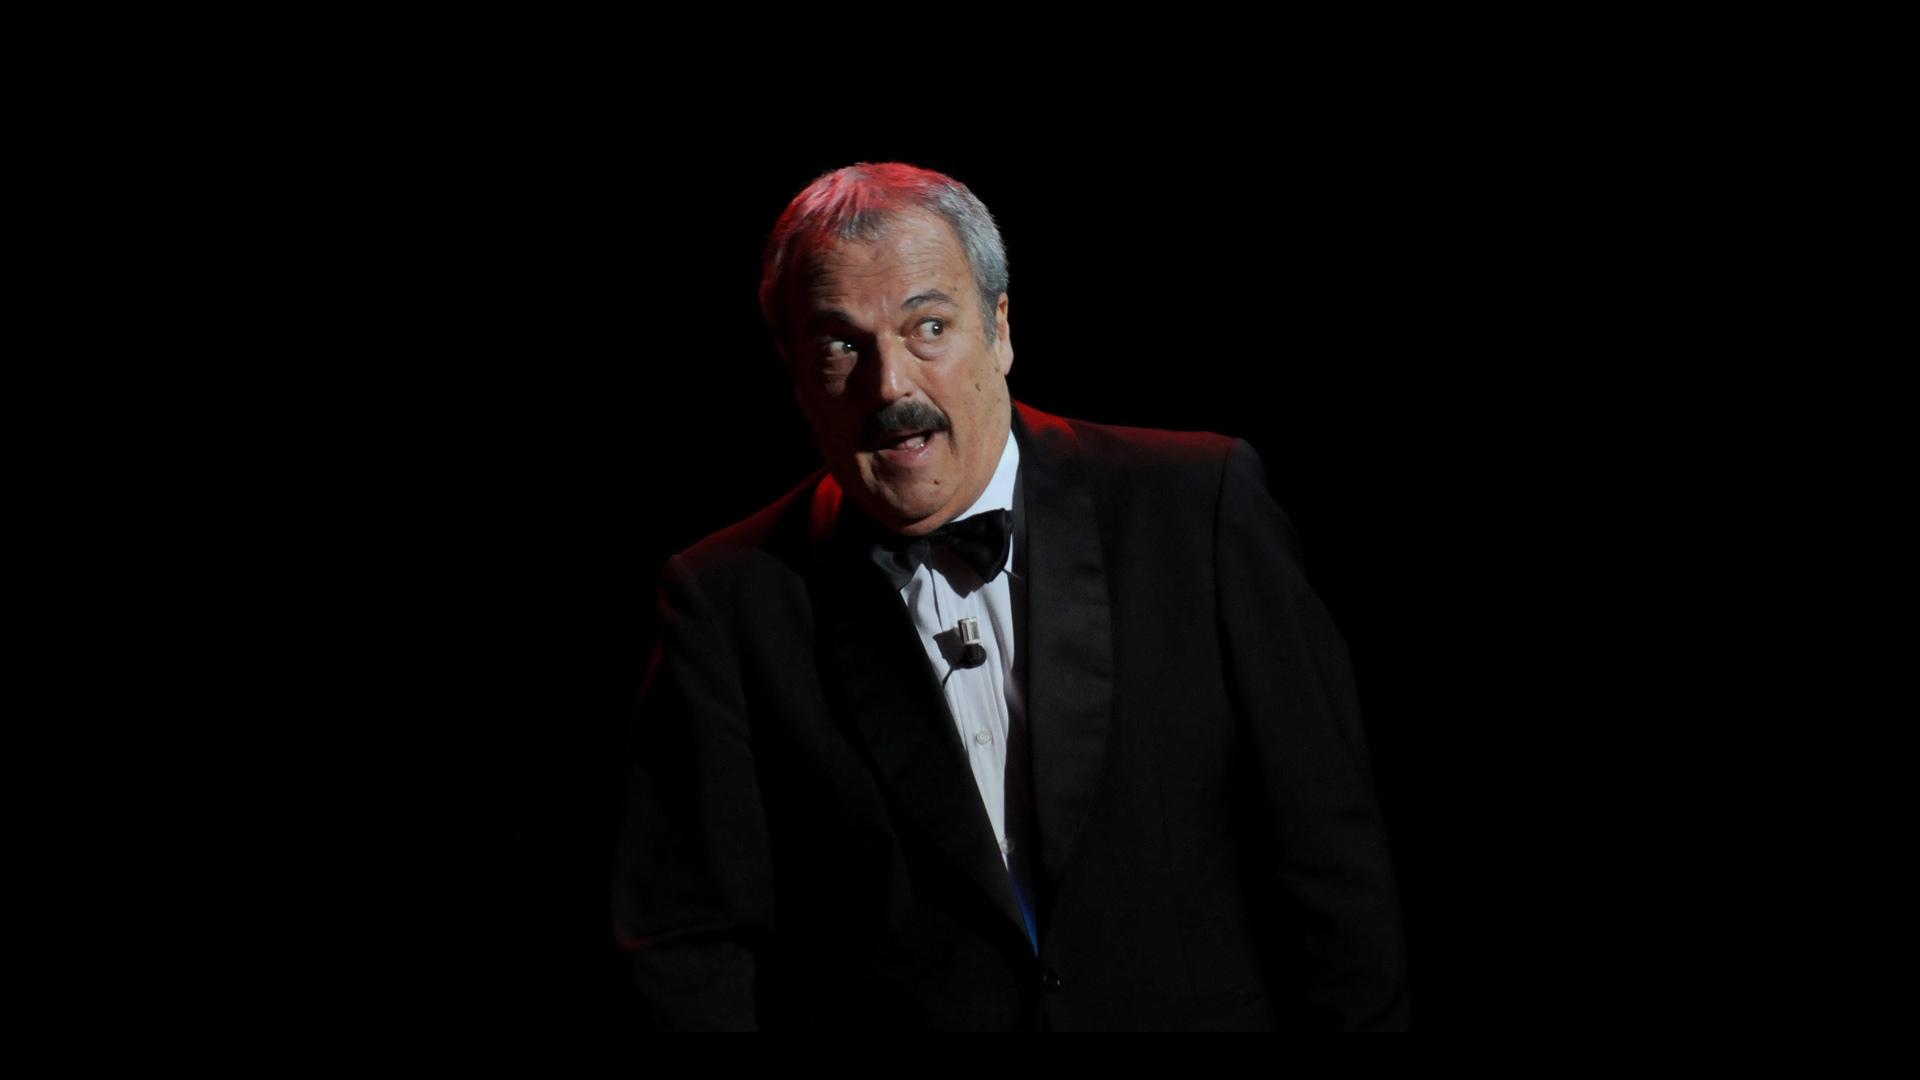 El músico, actor y humorista Daniel Rabinovich murió este viernes en Buenos Aires por problemas cardíacos